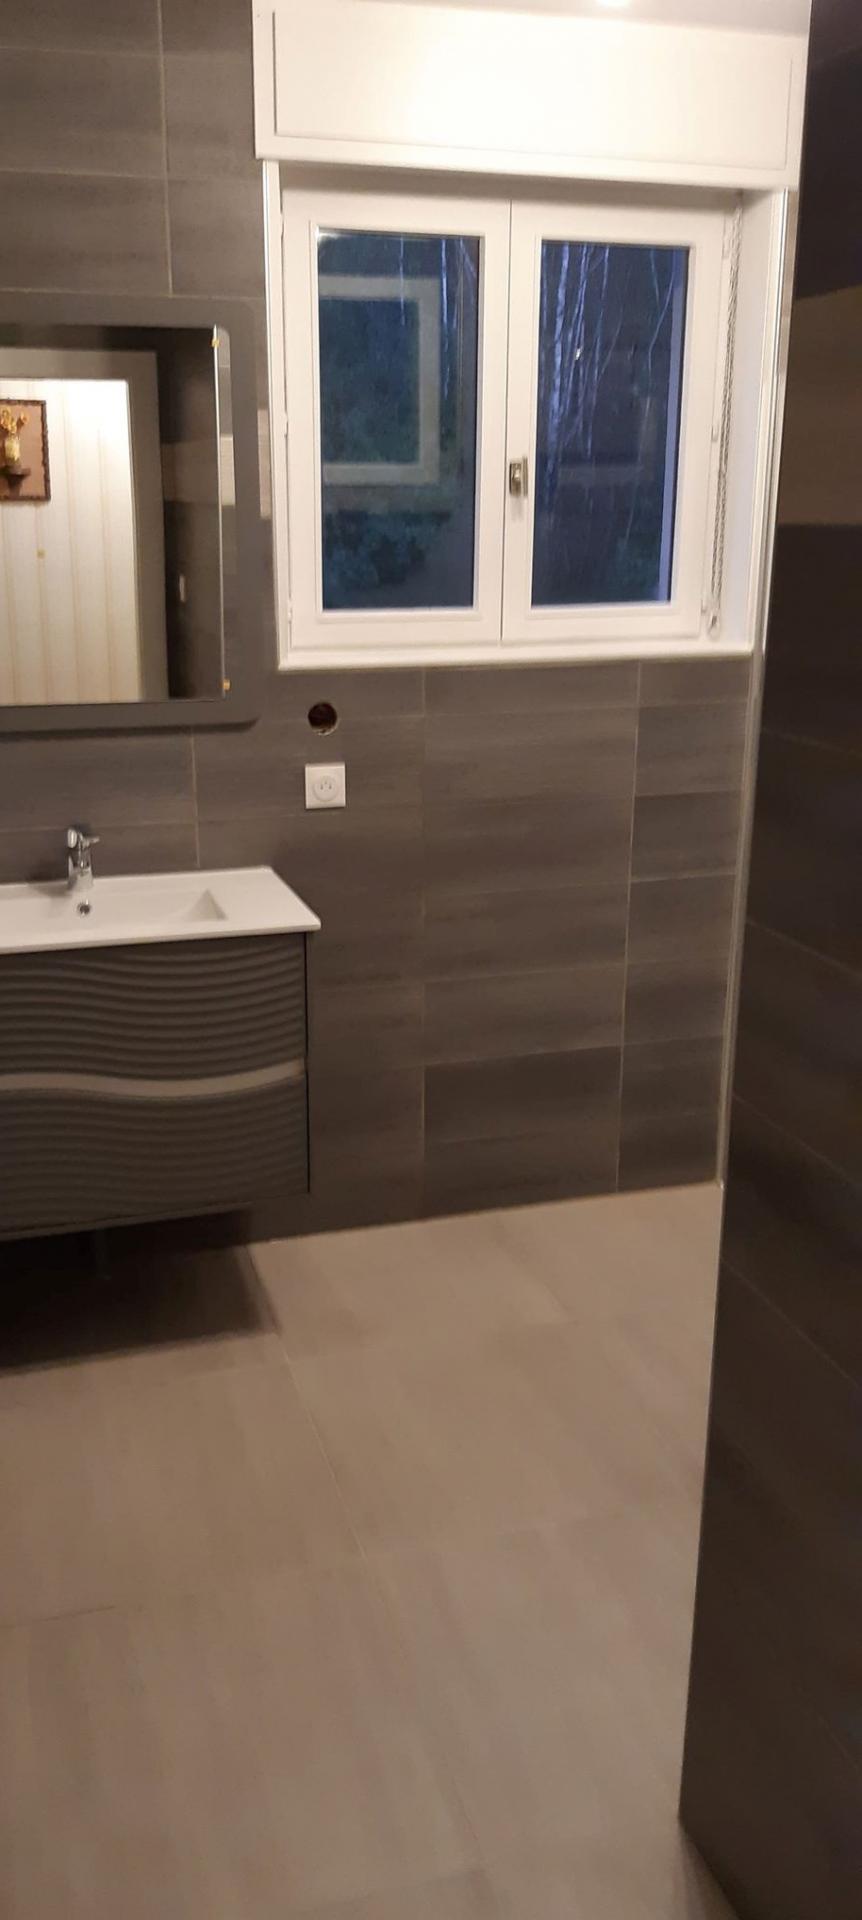 Rénovation de Salle de bain à Saulcy sur Meurthe. Entrepise Pierrel 88100 Taintrux.